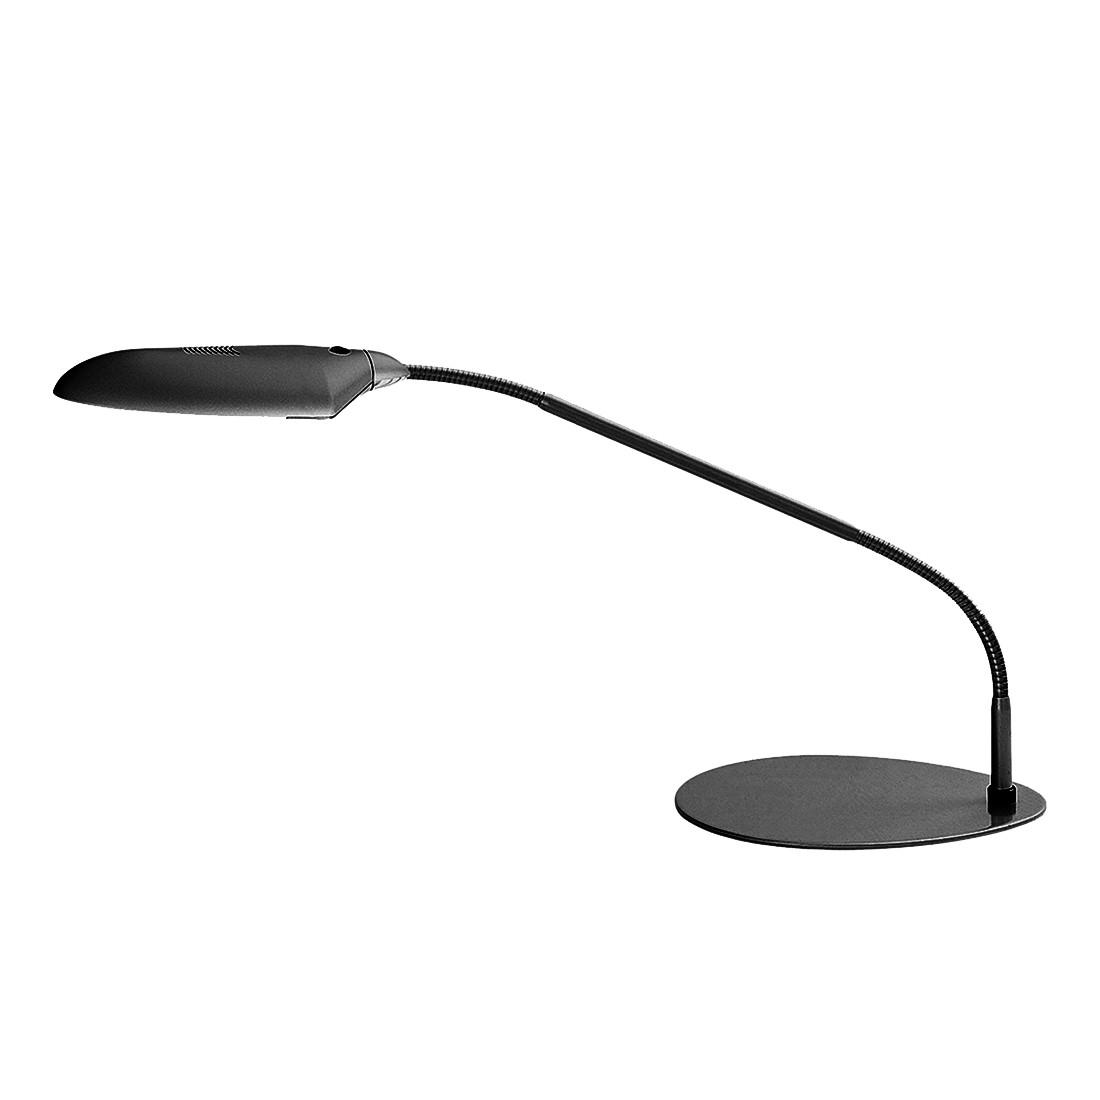 Tischleuchte GE ● Metall/Kunststoff ● Schwarz ● 2-flammig- Blanke Design A